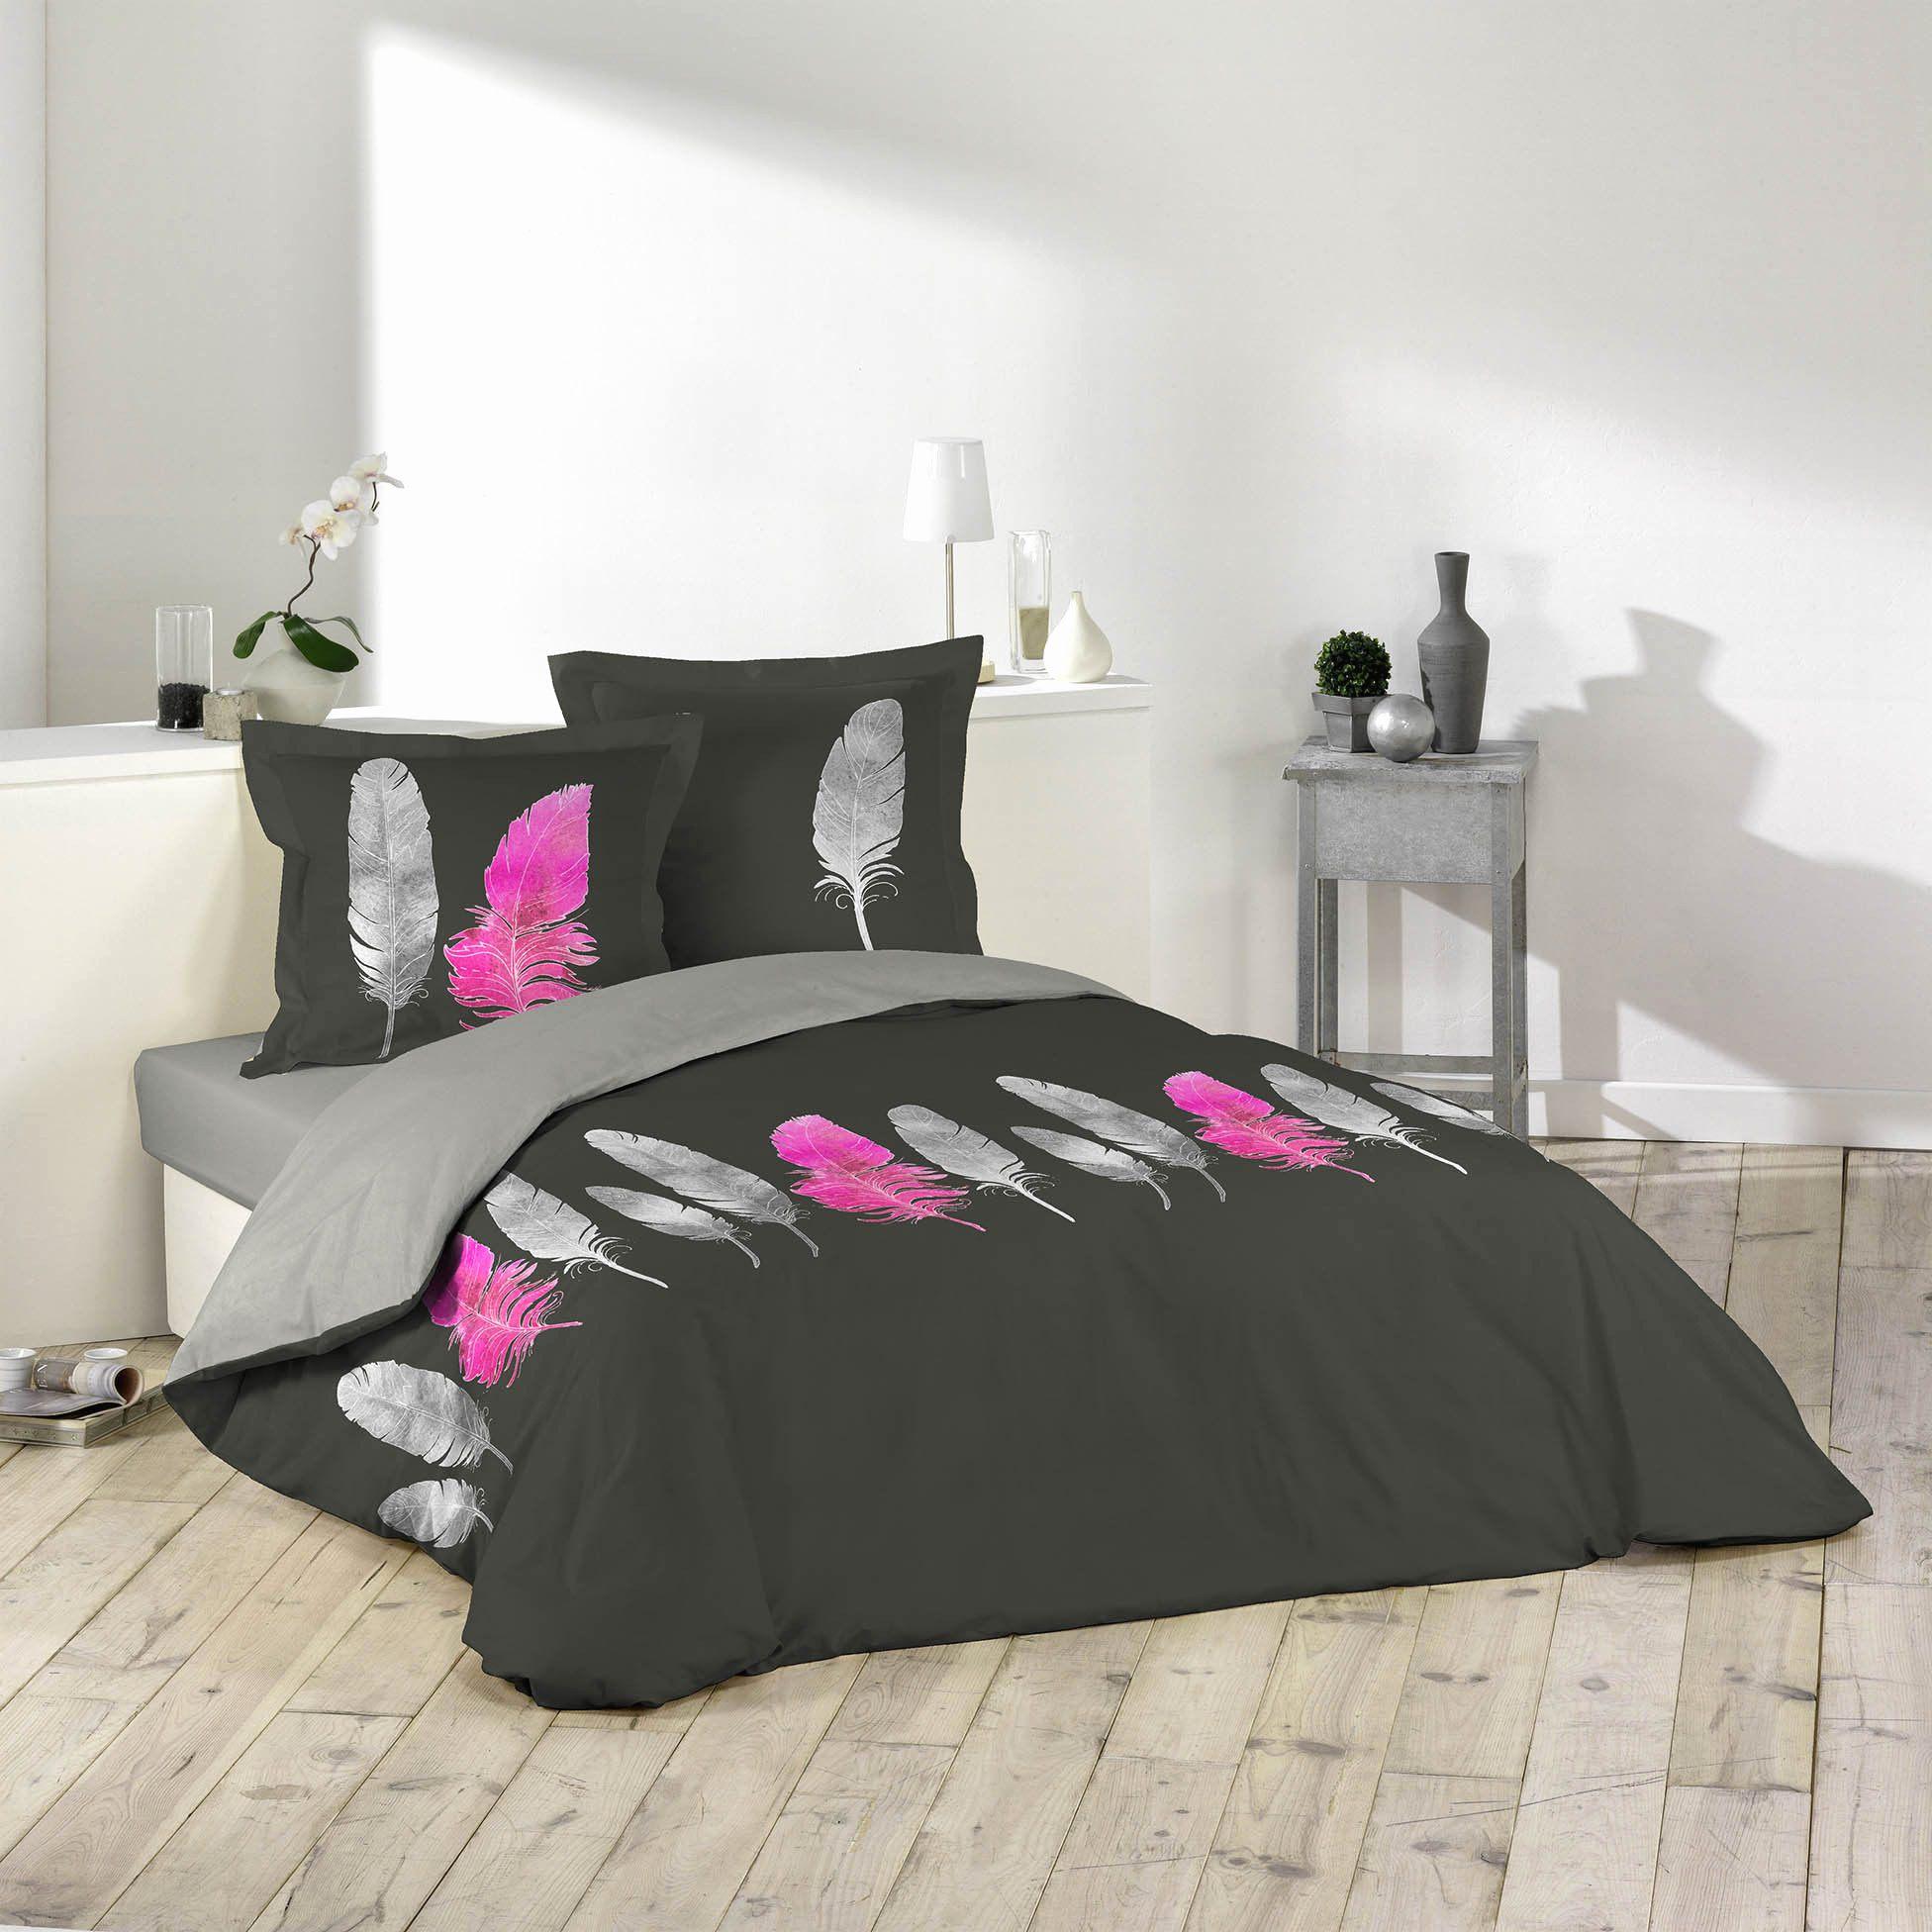 Couette Pour Lit 160×200 Ikea Joli Couette Lit Housse De Couette De Luxe Beau Monsieur Matelas Nouveau